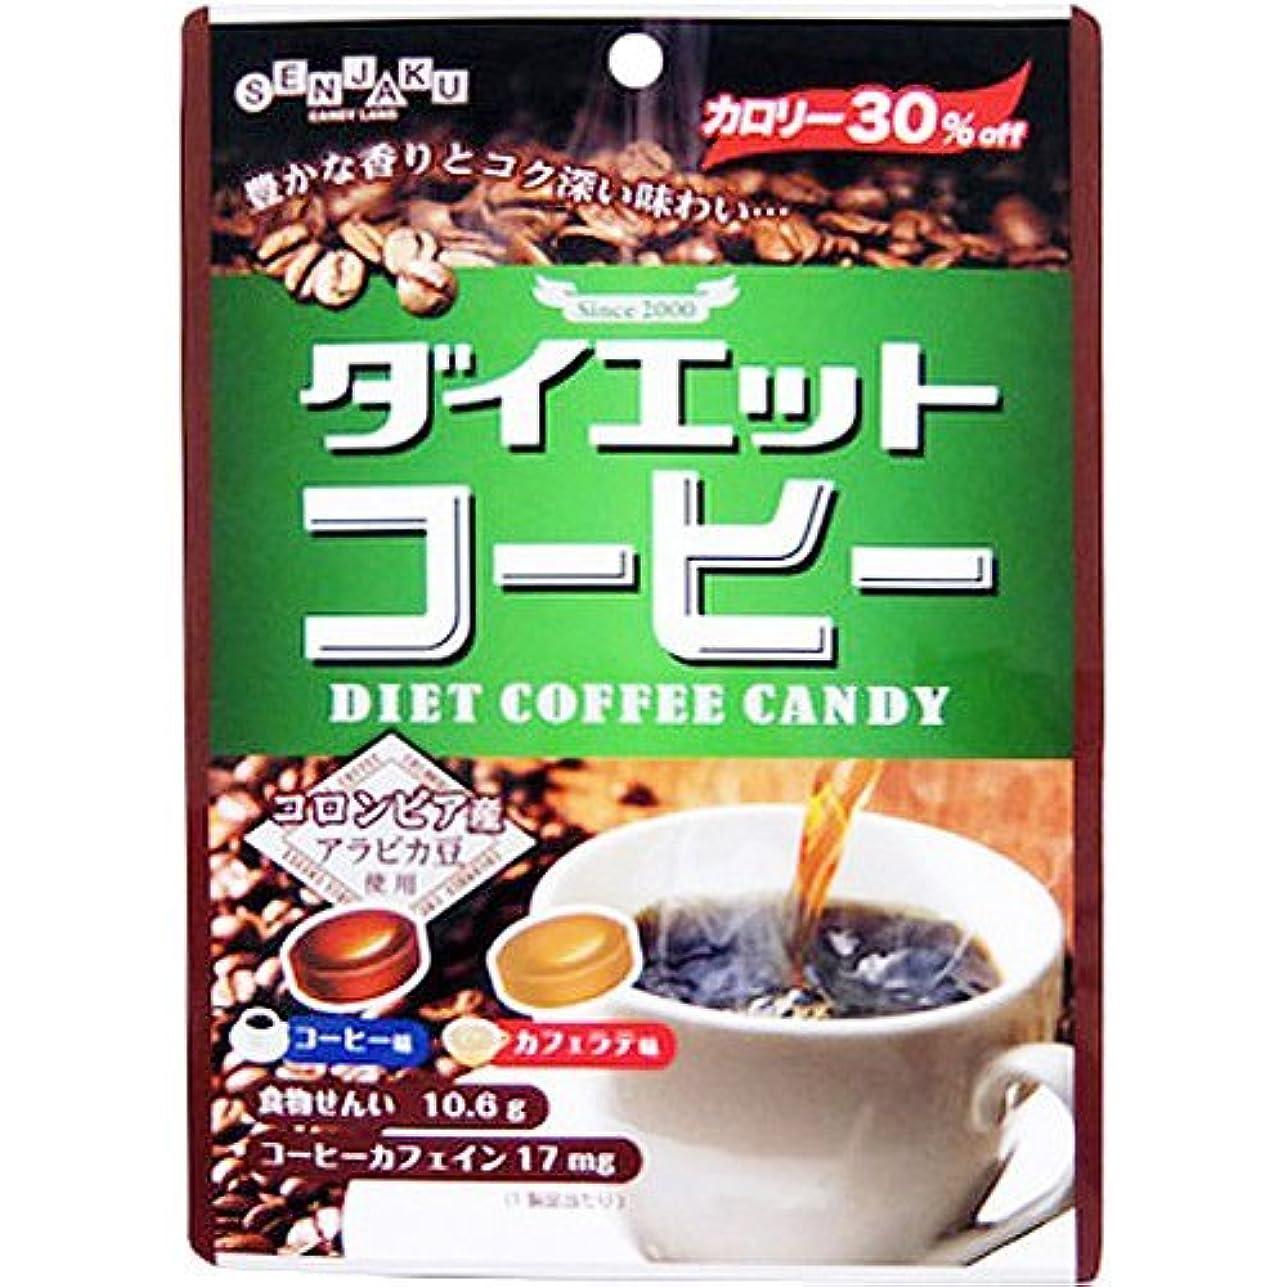 全く清めるミュート扇雀飴本舗 ダイエットコーヒー 80g